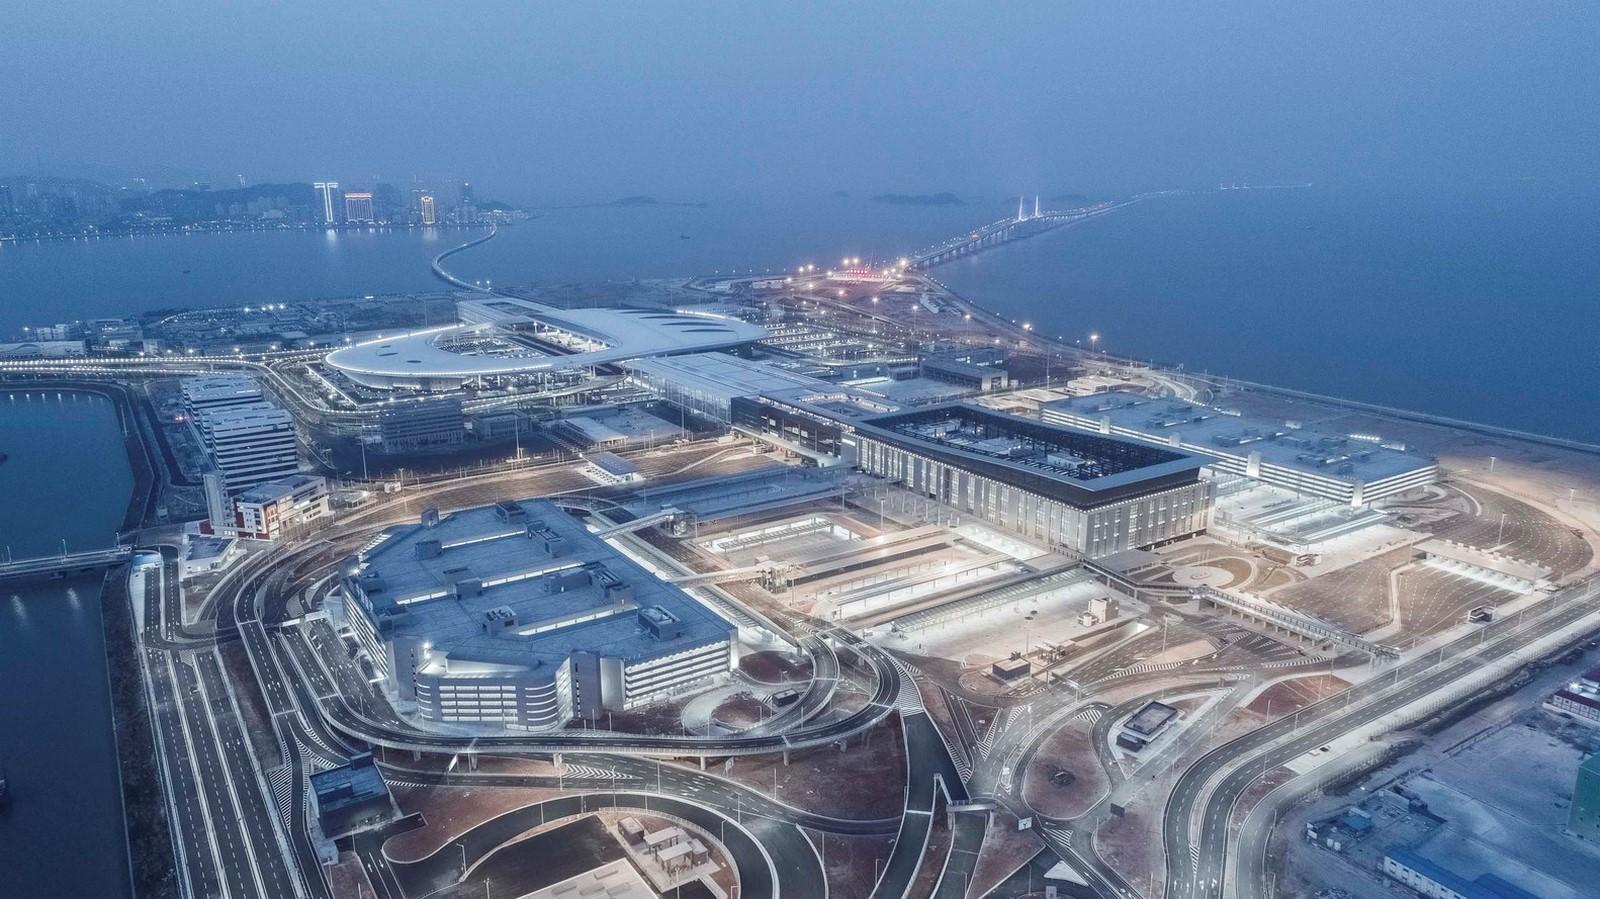 Hong Kong-Zhuhai-Macao Bridge Artificial Island Port by ECADI: The longest open-sea fixed link in the world Sheet4